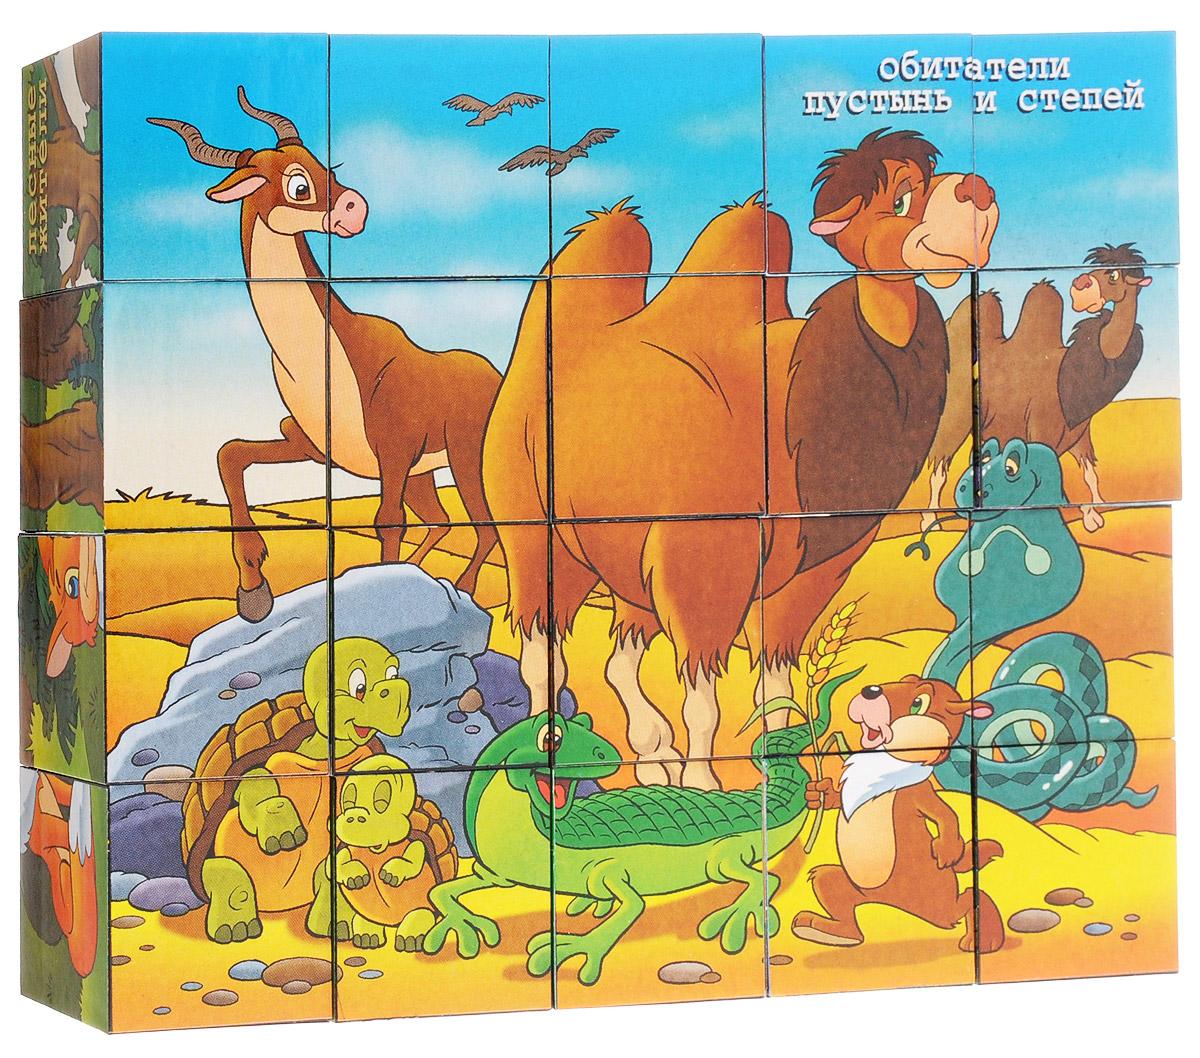 Step Puzzle Кубики Кто где живет 8732087320_обитатели пустынь и степейКубики из серии Изучаем окружающий мир помогут малышу сделать первые шаги в мир знаний, расширят его кругозор, пополнят его представления об окружающем мире. С помощью кубиков Step Puzzle Кто где живет ребенок сможет собрать целых шесть красочных картинок с изображением различных видов животных в их среде обитания. Игра с кубиками развивает зрительное восприятие, наблюдательность, мелкую моторику рук и произвольные движения. Ребенок научится складывать целостный образ из частей, определять недостающие детали изображения. Это прекрасный комплект для развлечения и времяпрепровождения с пользой для малыша.